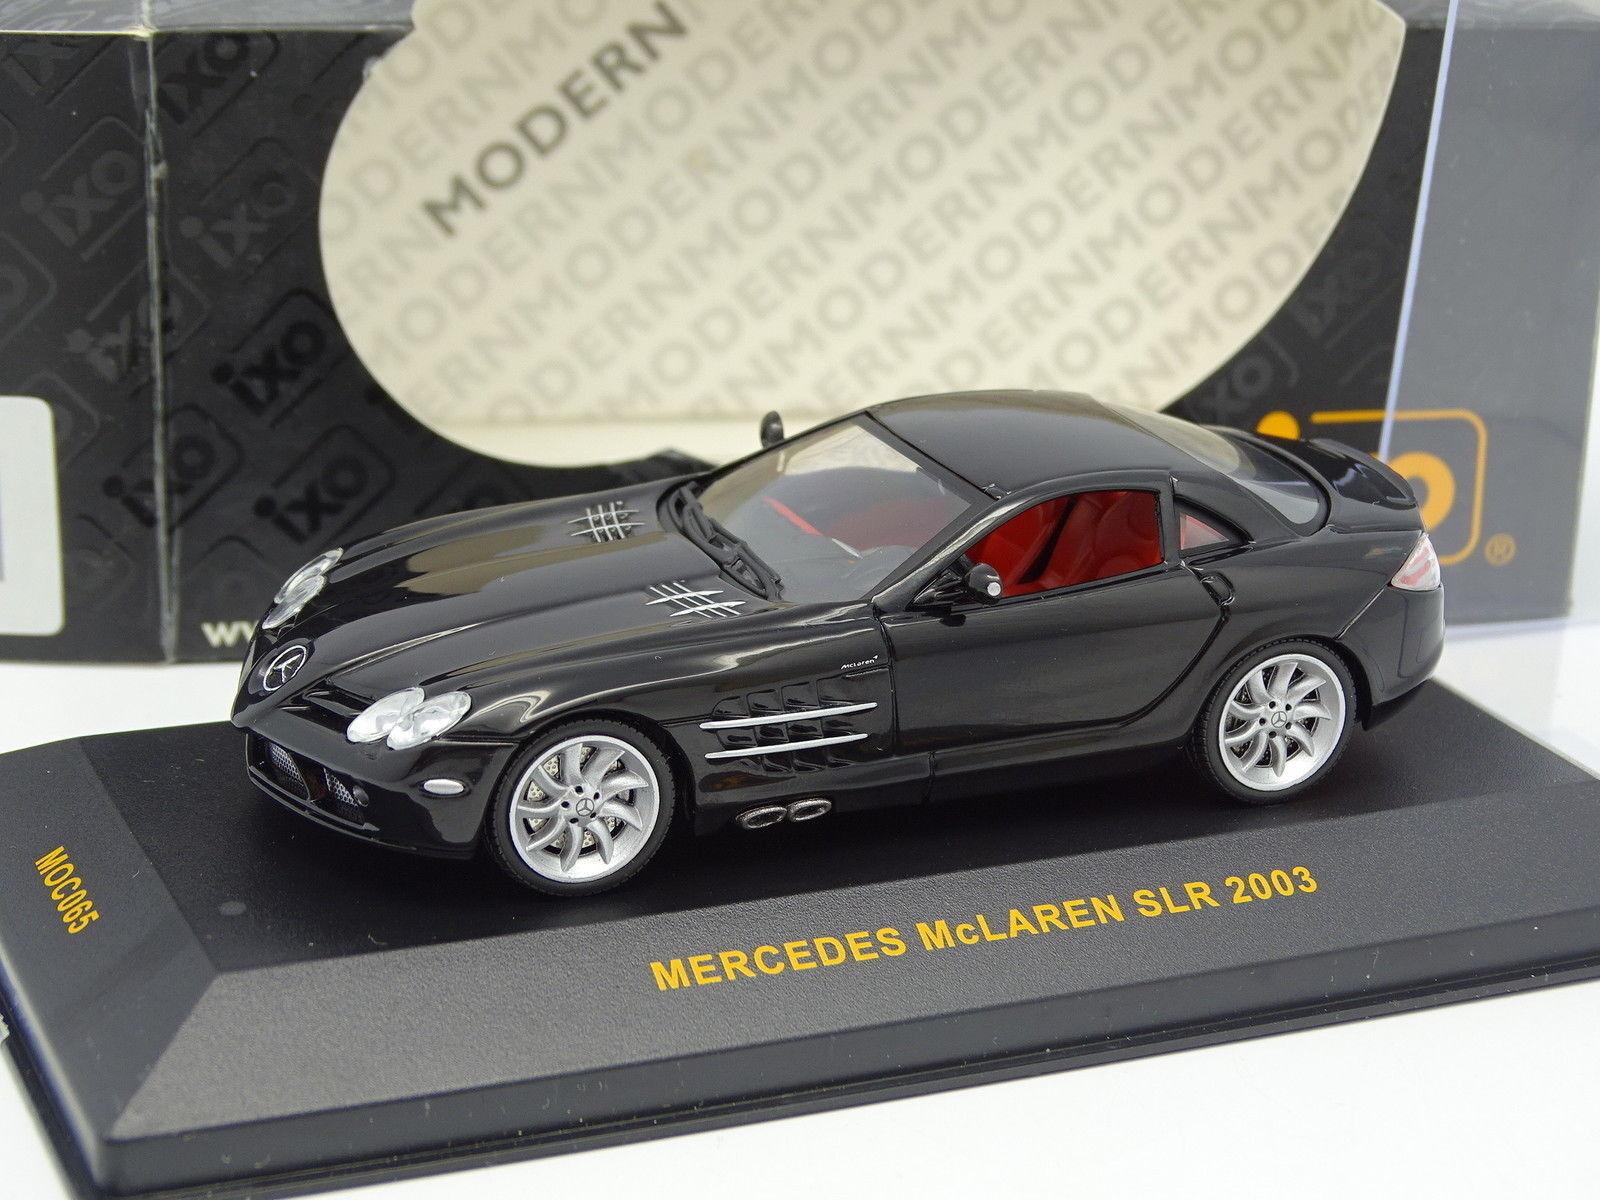 Ixo Ixo Ixo 1 43 - Mercedes SLR McLaren 2003 black d2c9b3